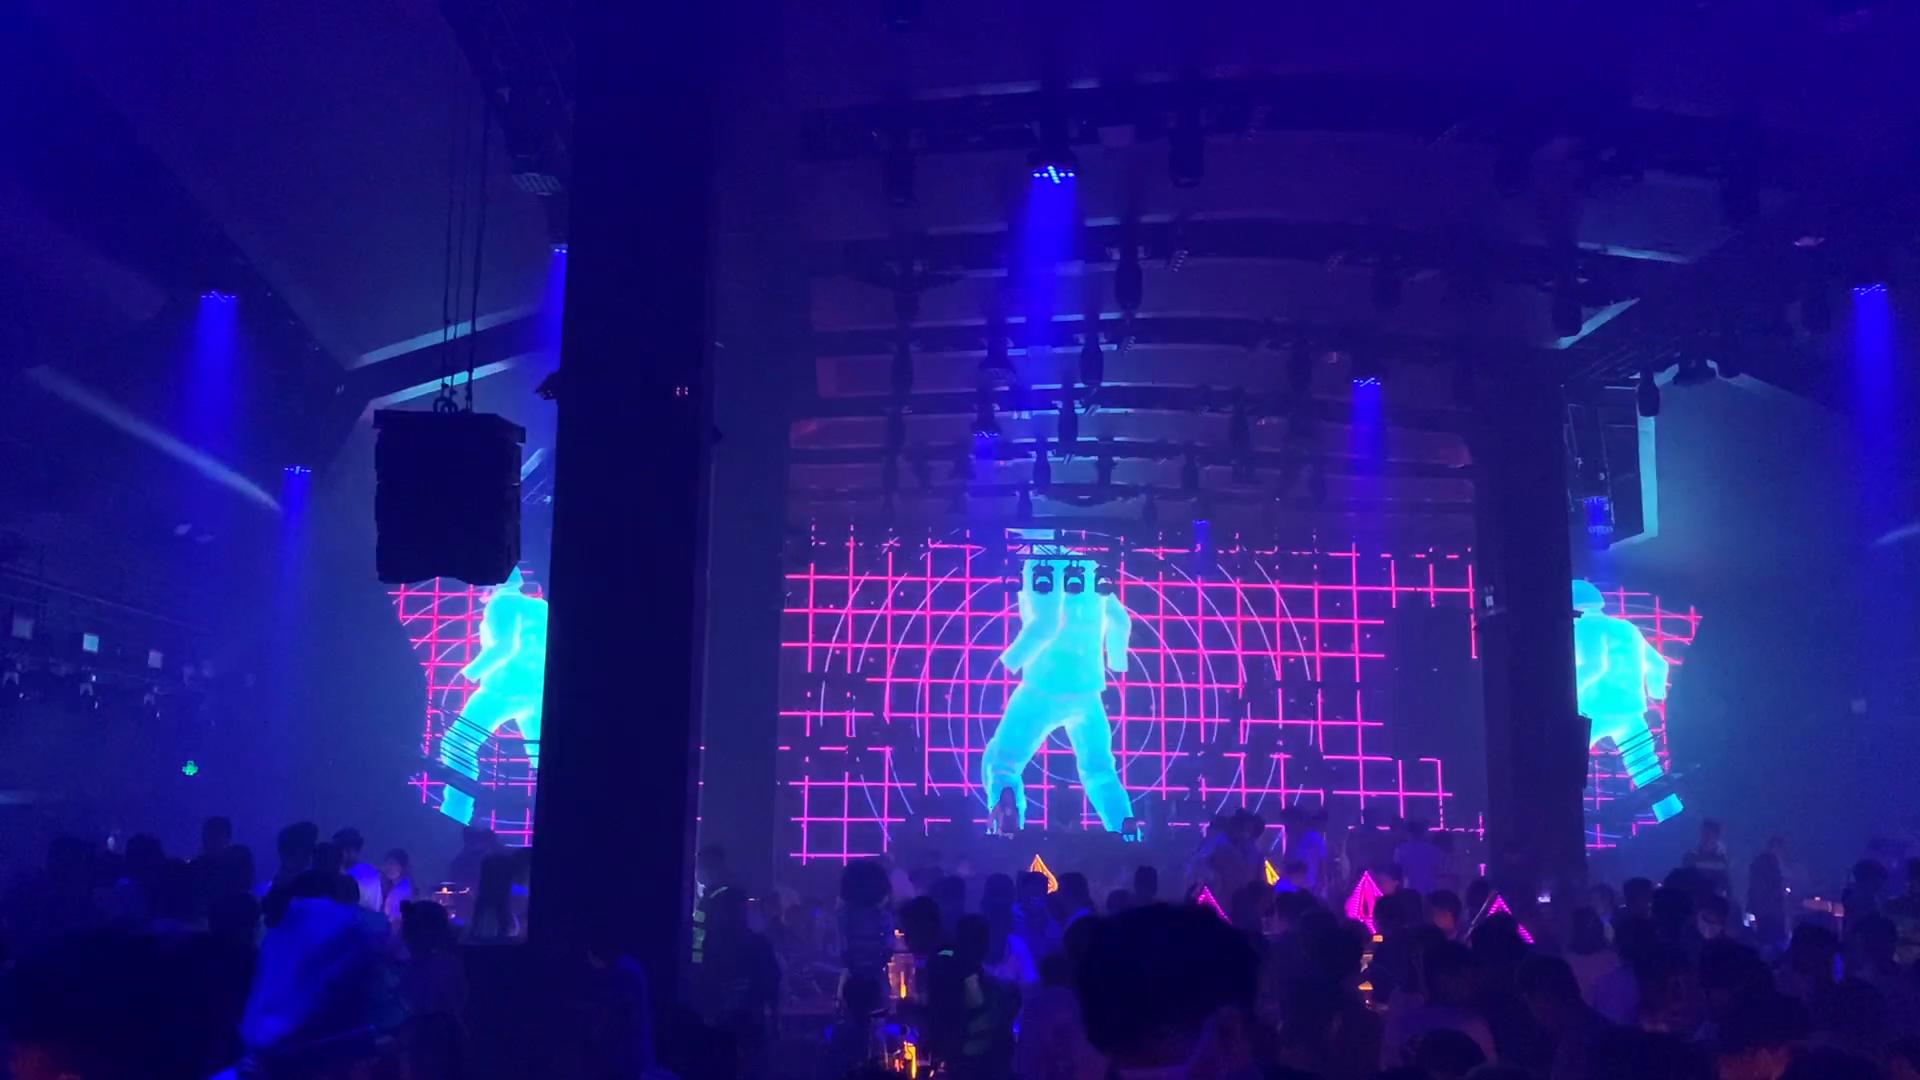 深圳宝安最新新闻_深圳龙华酒吧舞台透明屏案例展示